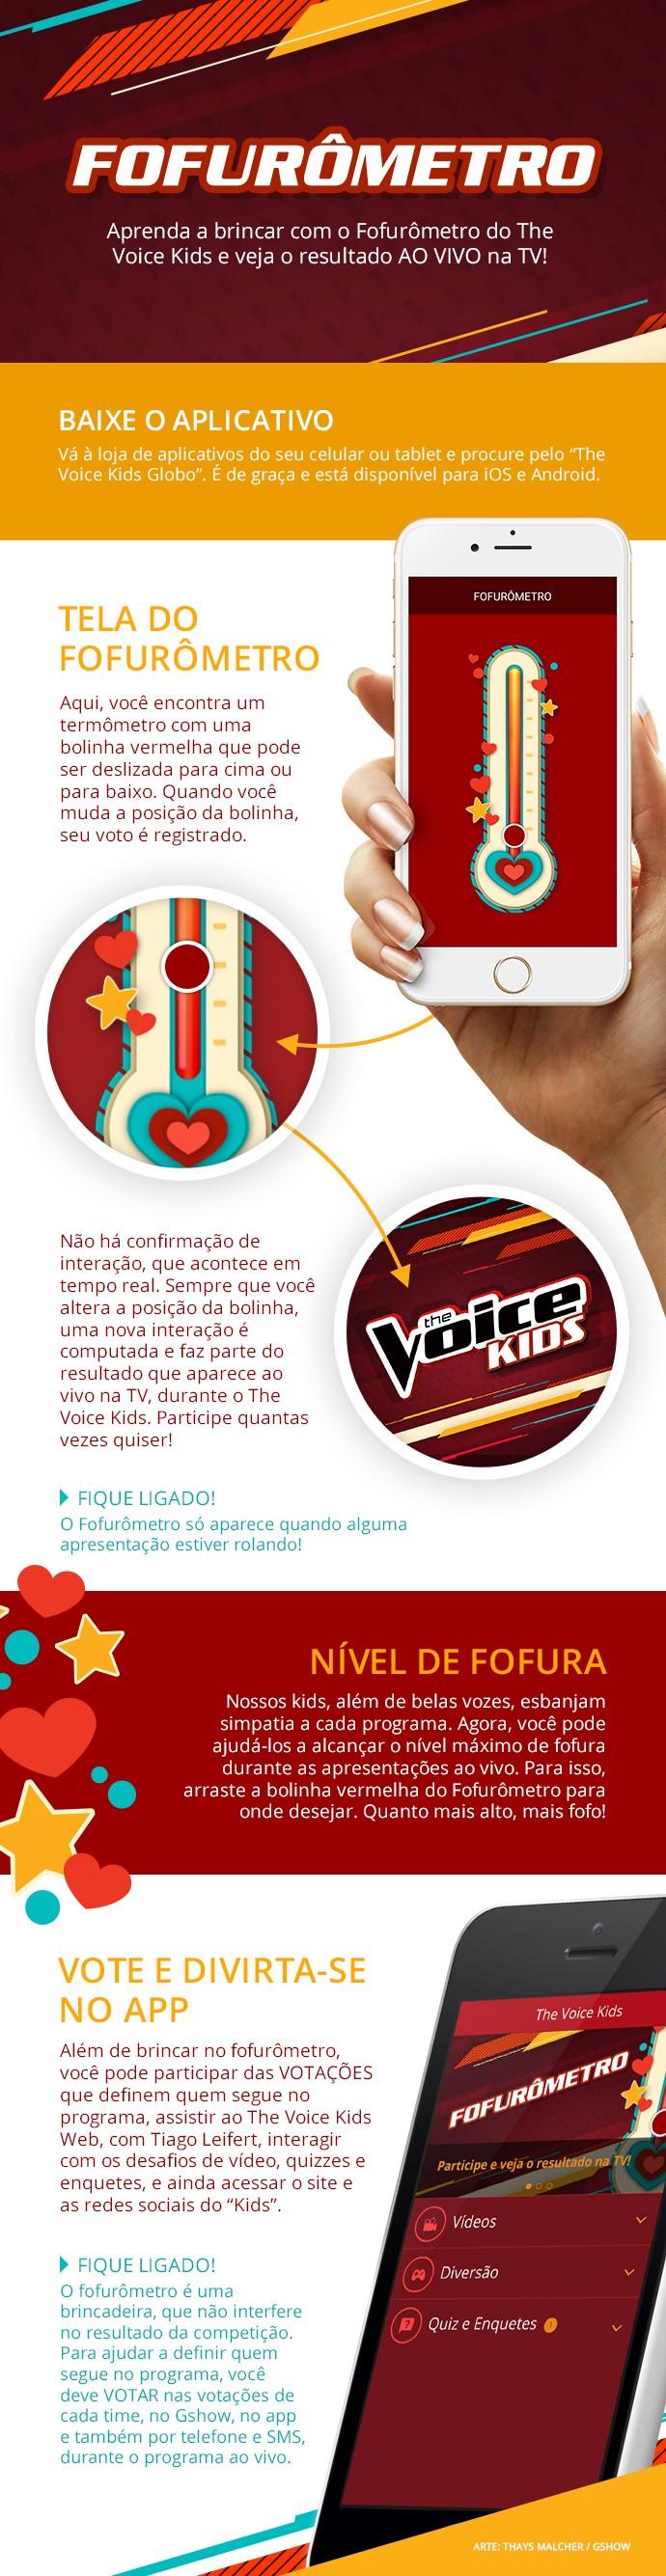 Entenda como funciona o Fofurômetro do The Voice Kids e brinque com a gente! (Foto: Gshow)